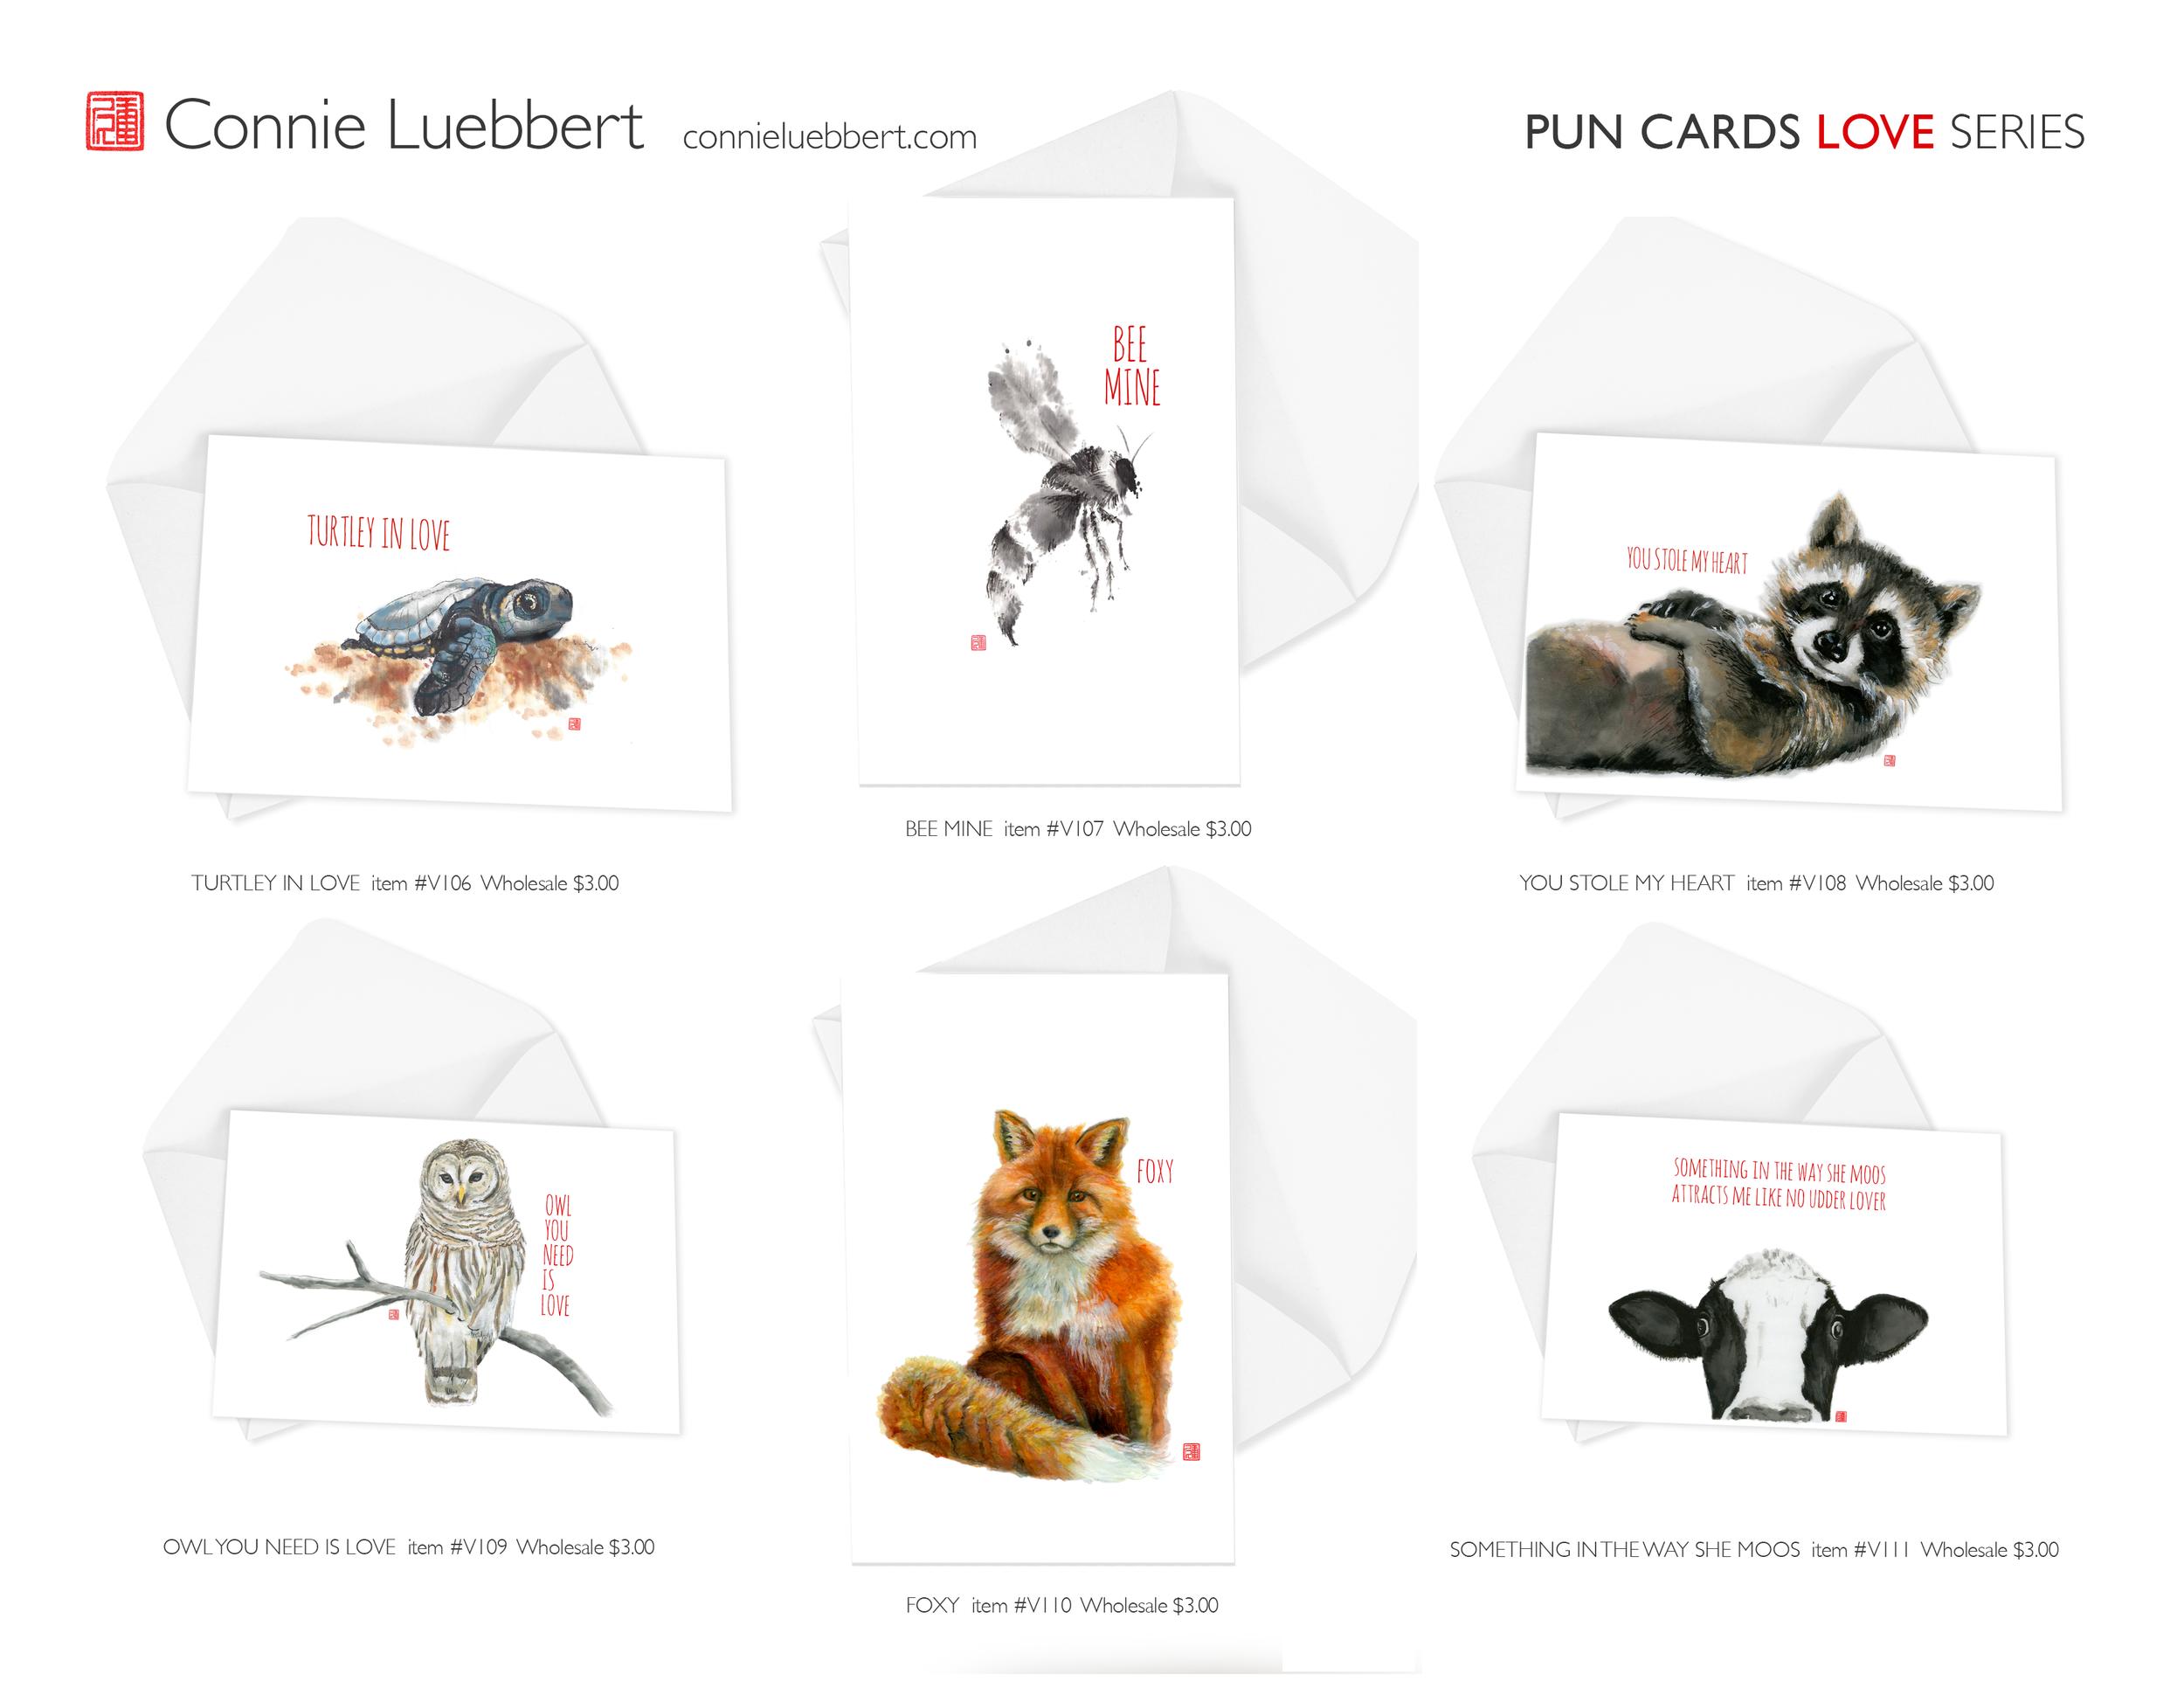 - PUN CARDS: LOVE SERIES